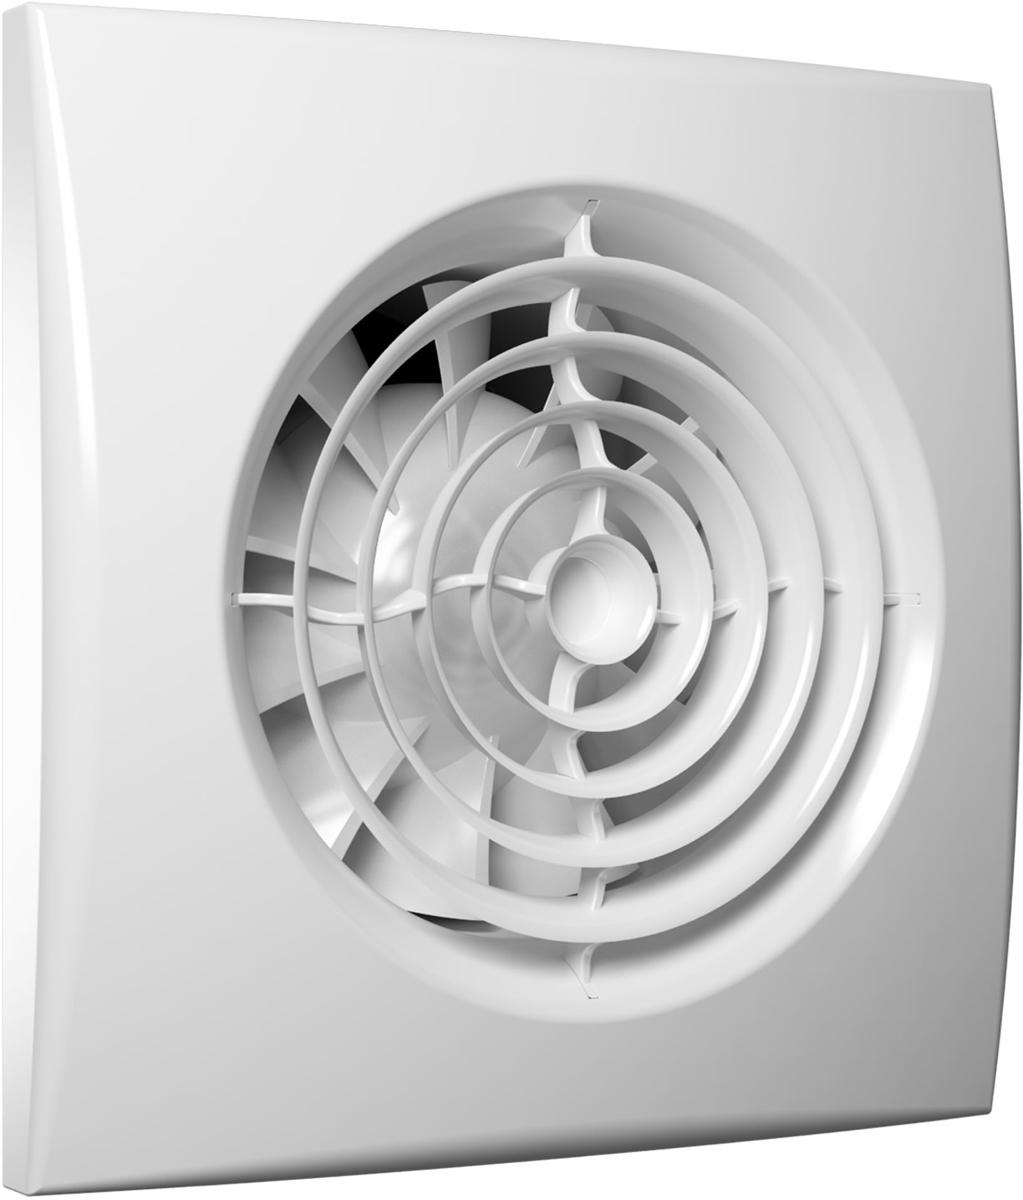 DiCiTi Aura 4C вентилятор осевой вытяжной - Вентиляторы